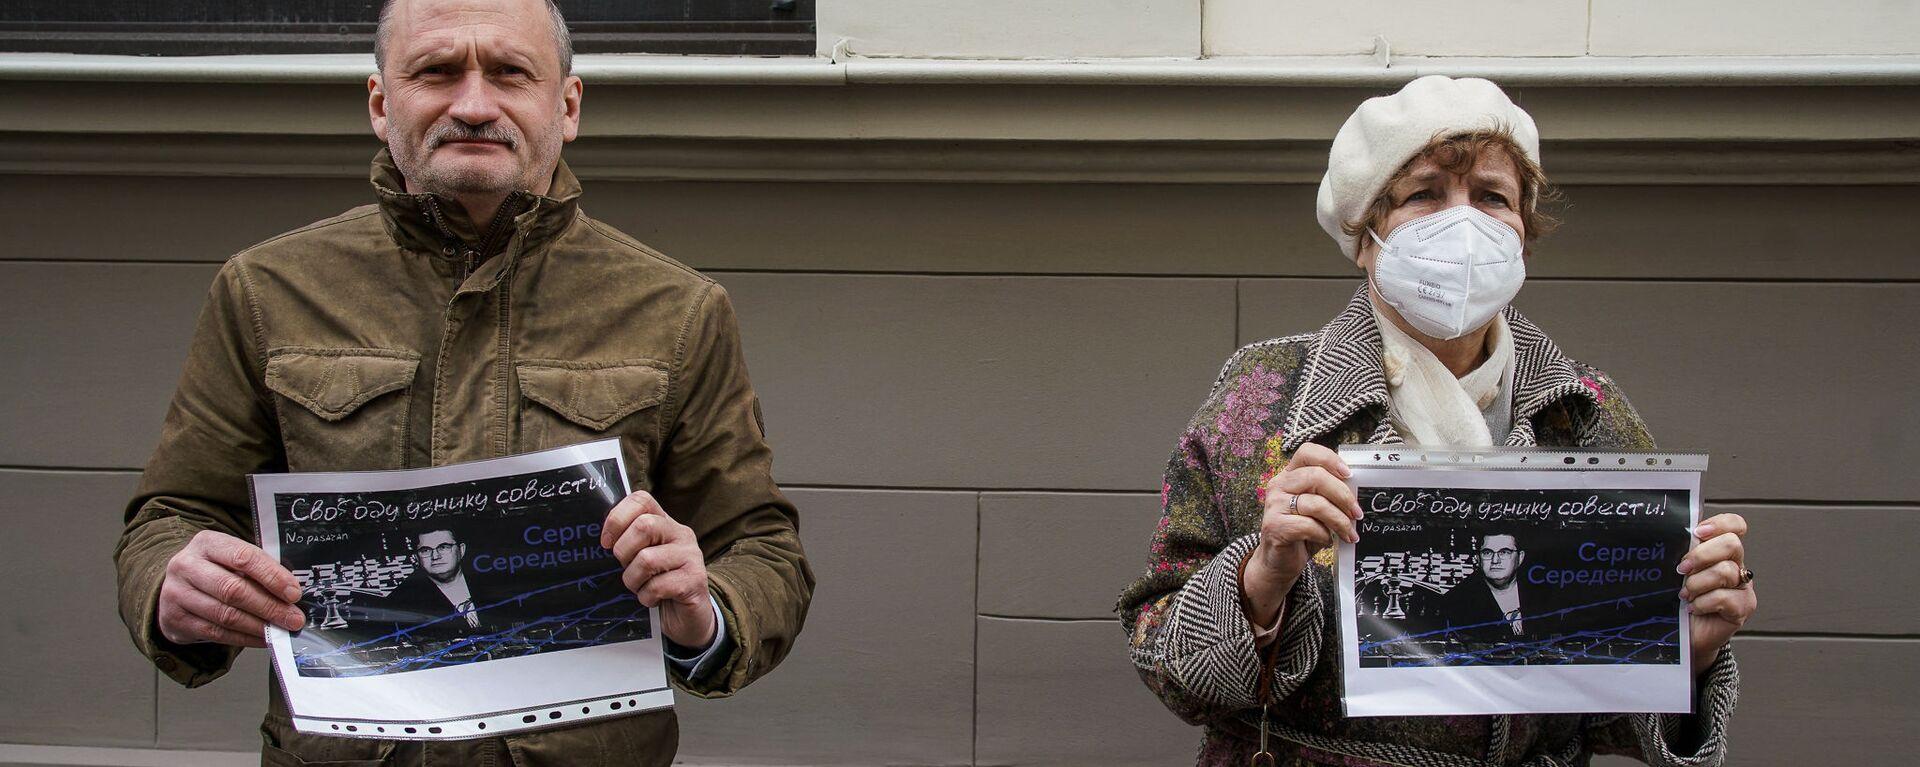 Сопредседатель Русского союза Латвии Мирослав Митрофанов и председатель РСЛ, евродепутат Татьяна Жданок - Sputnik Латвия, 1920, 08.04.2021